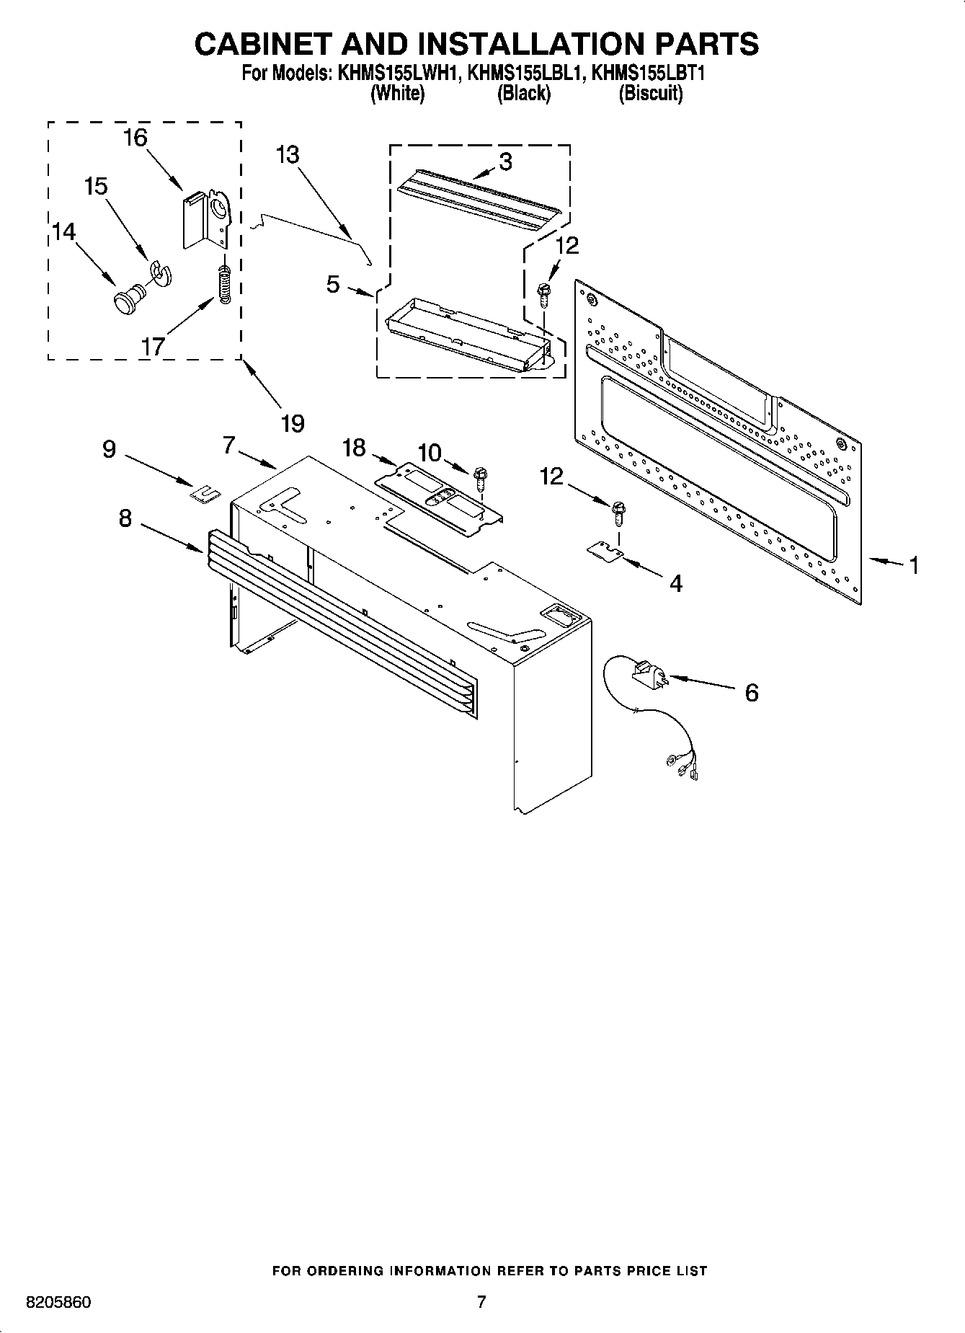 Diagram for KHMS155LBL1